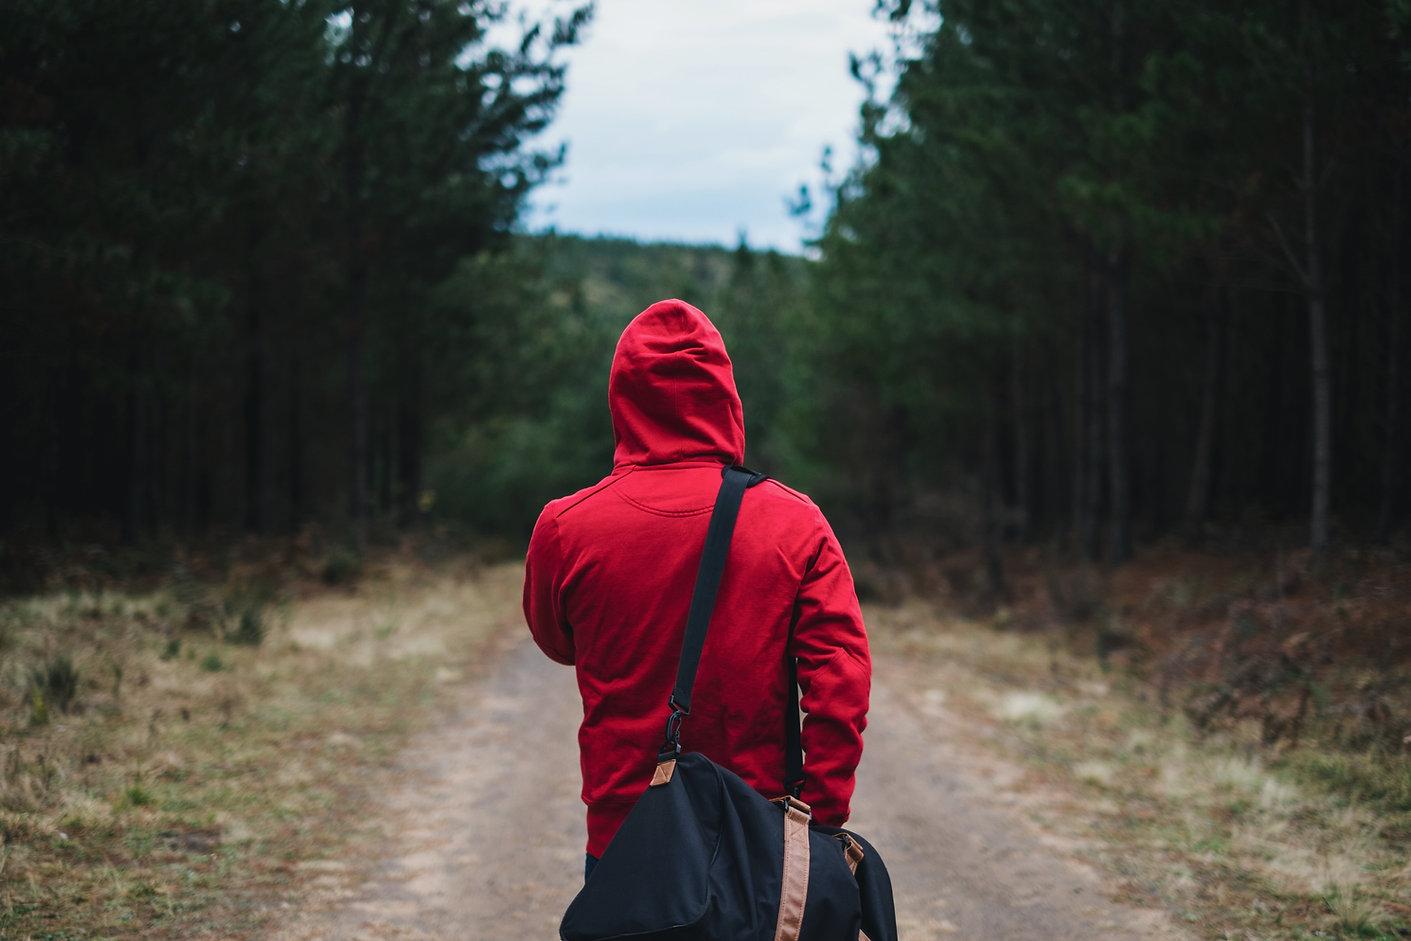 viajero solitario